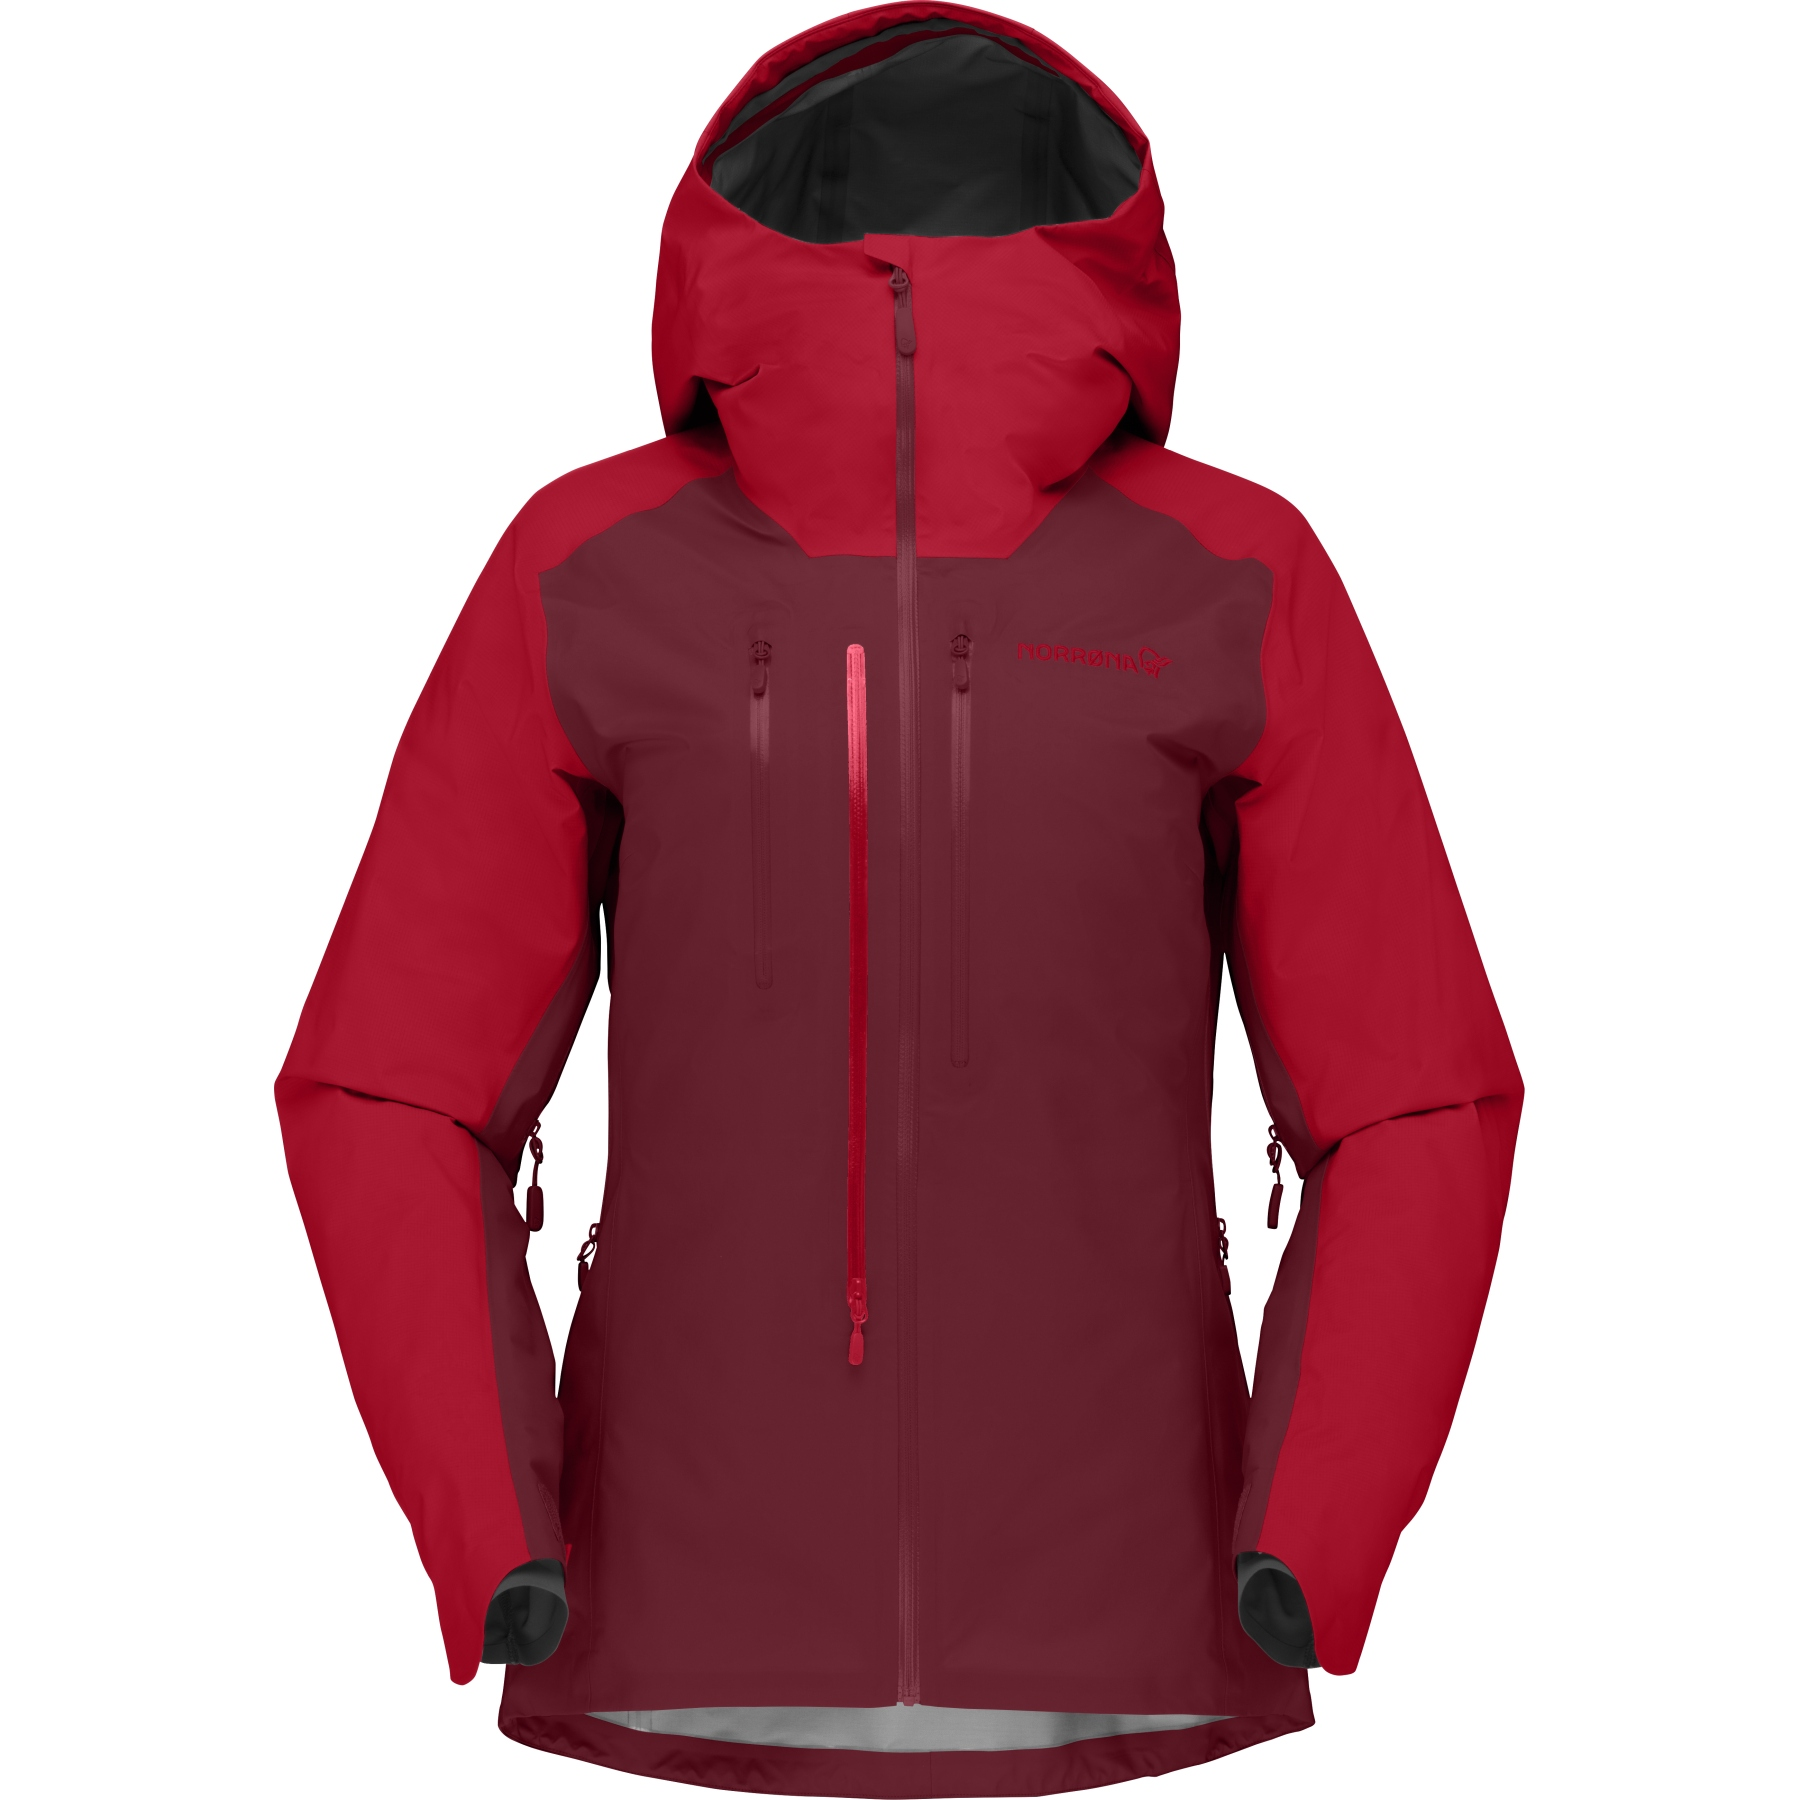 Norrona lyngen Gore-Tex Jacket Women - True Red/Rhubarb